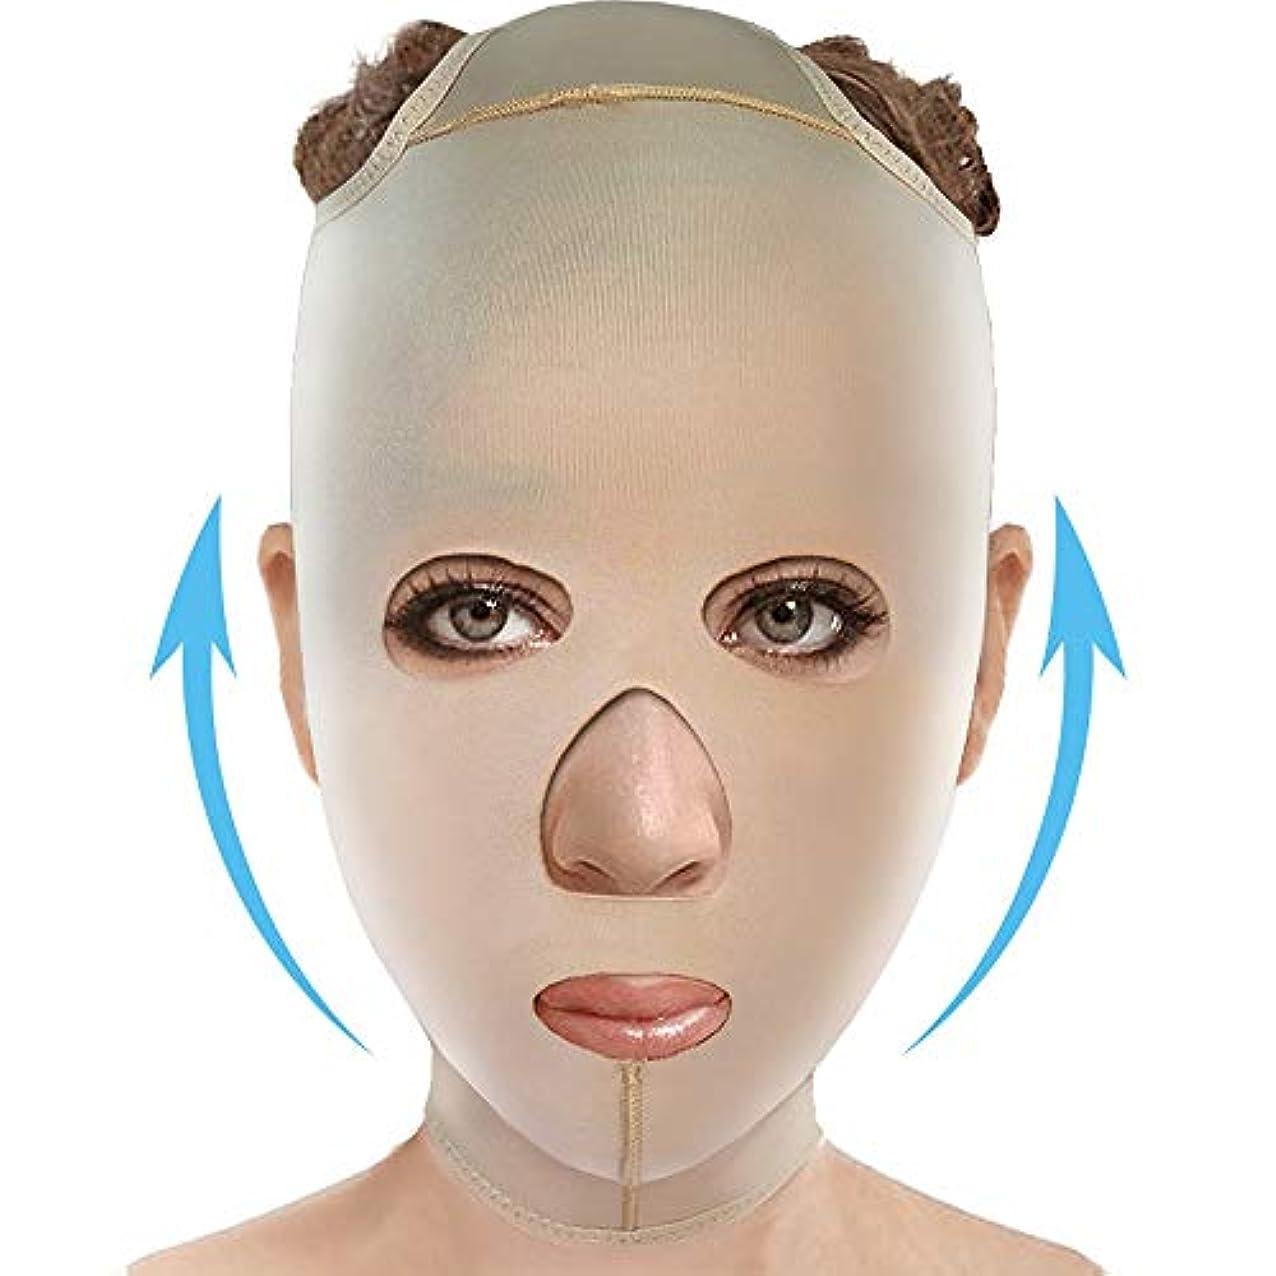 小道具マーティフィールディングうがい薬フェイスリフティングベルト、美容フェイシャル?アンチリンクル収縮二重顎顔面整形アーティファクト、4つのサイズをファーミングVフェイス?フェイシャルリフティングマスク (Size : XL)